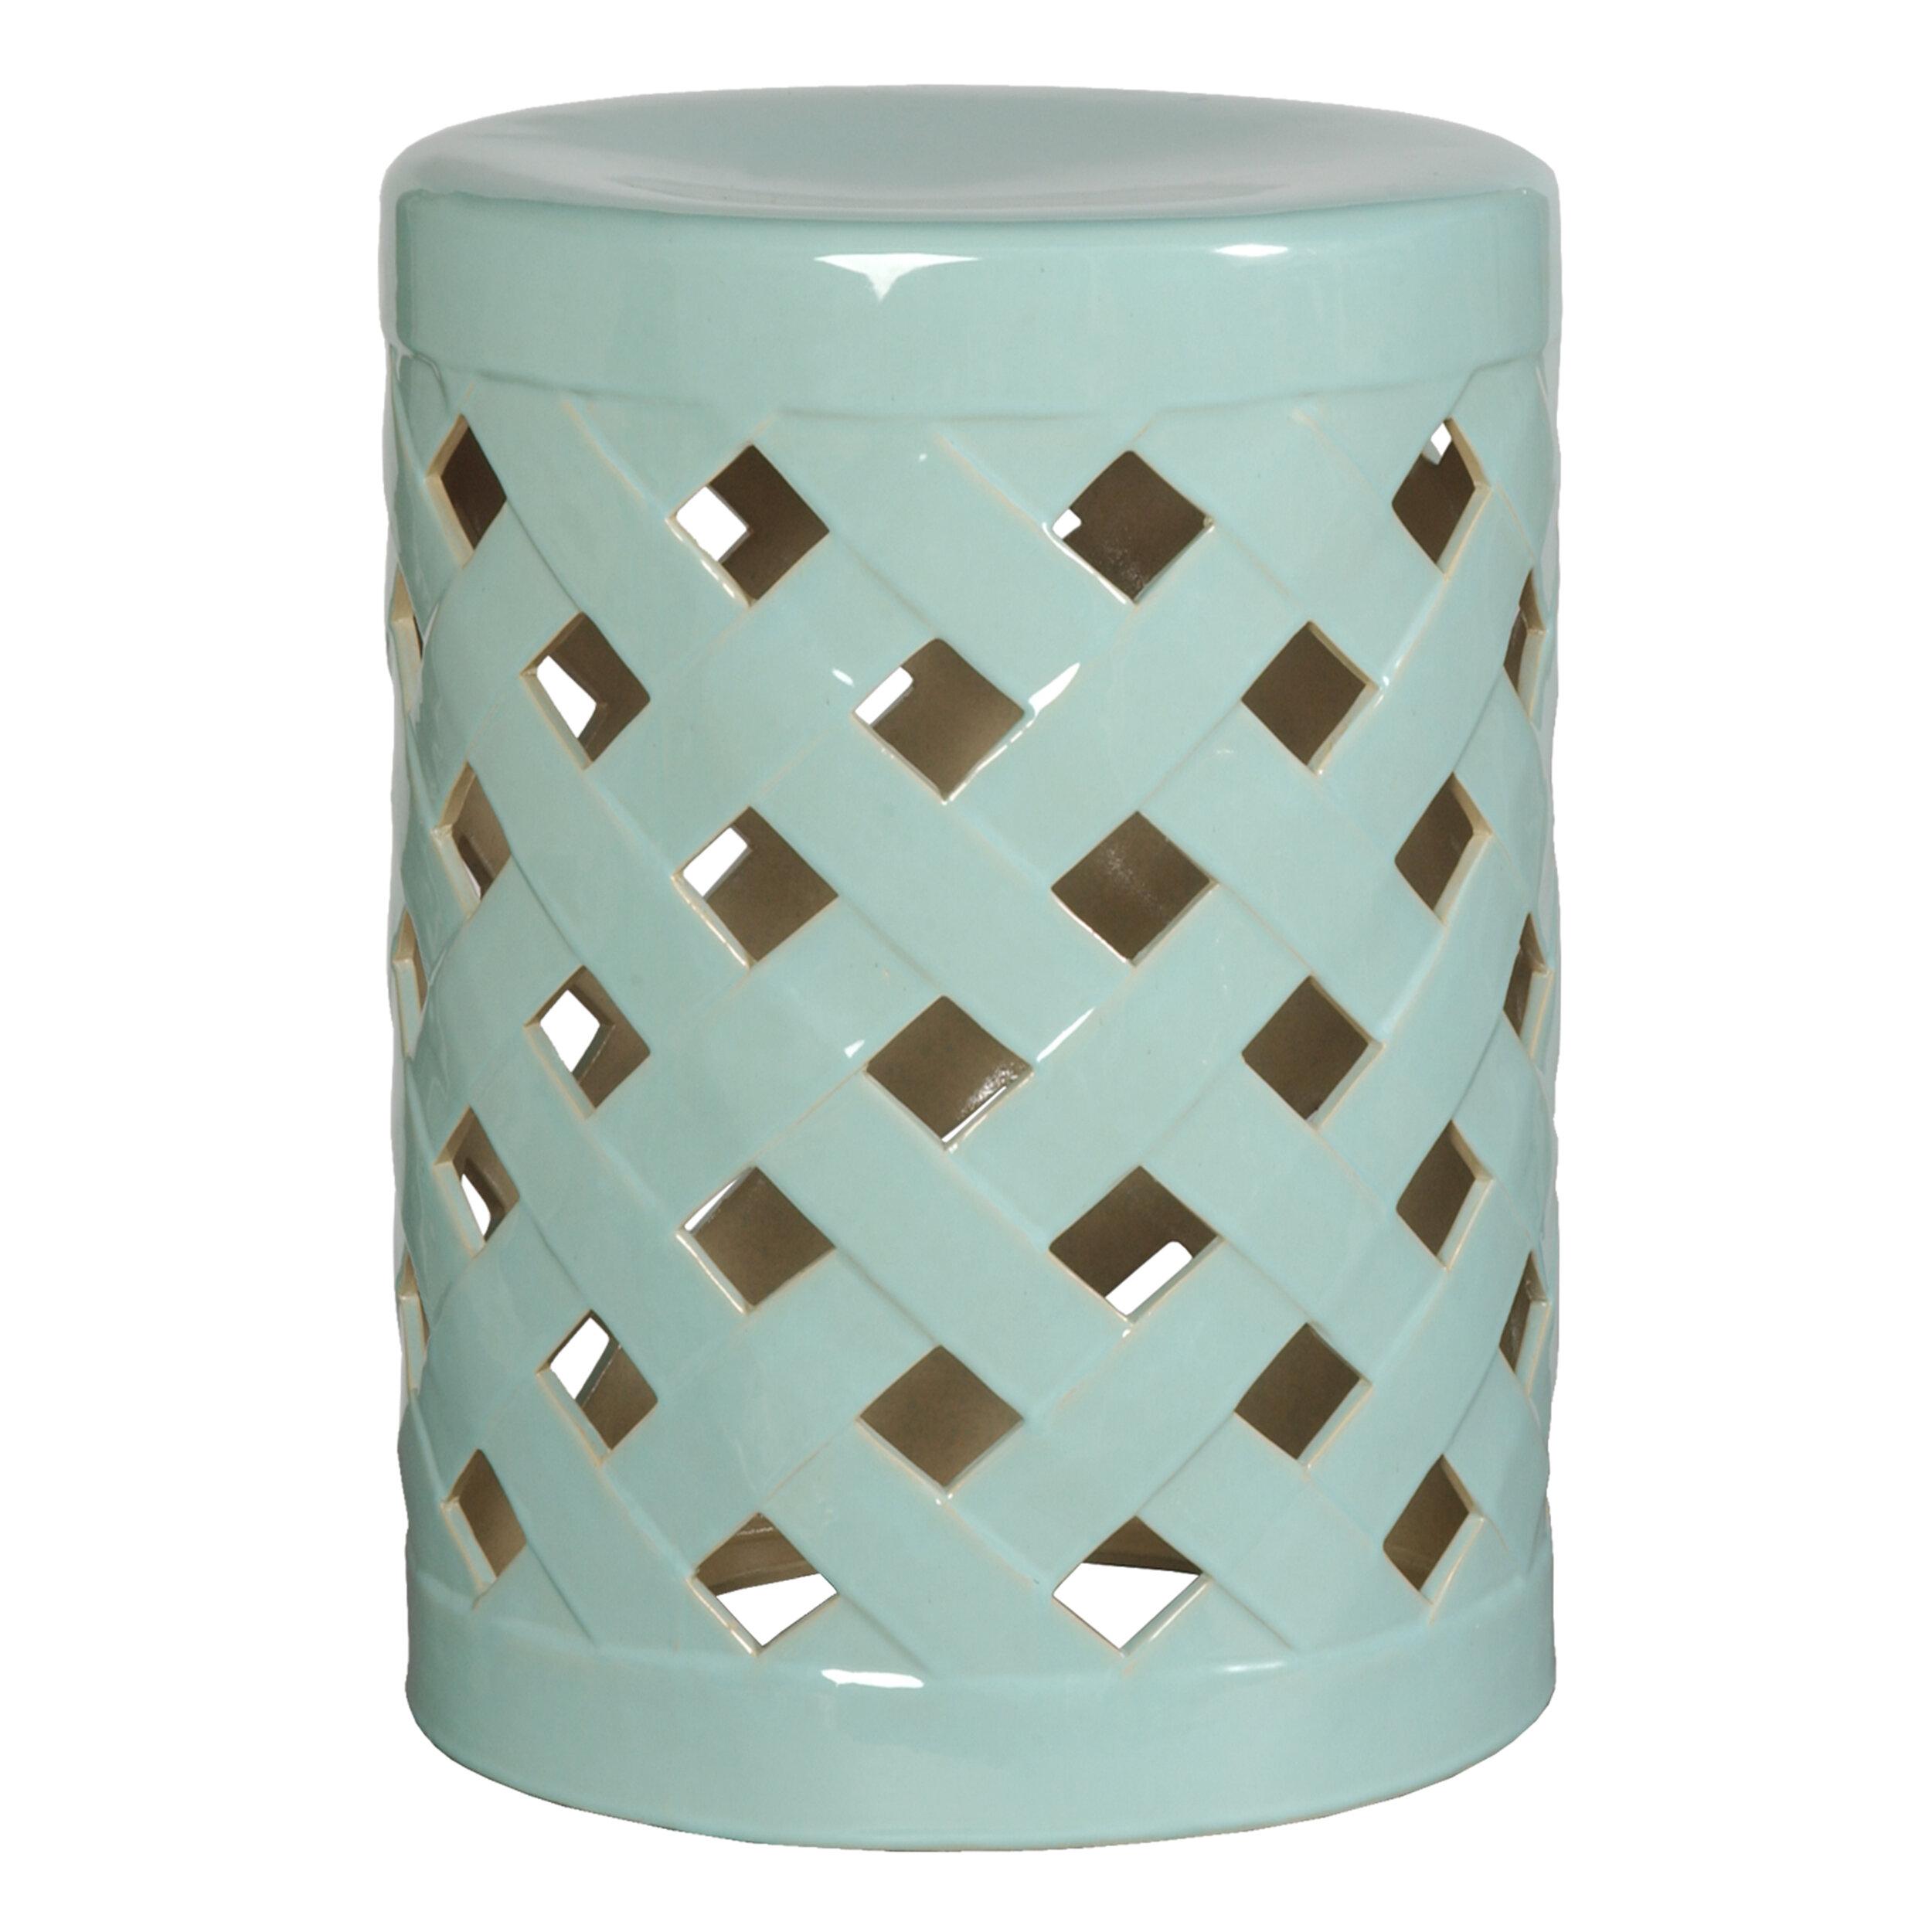 Ormside Ceramic Garden Stool Regarding Tillia Ceramic Garden Stools (View 4 of 25)